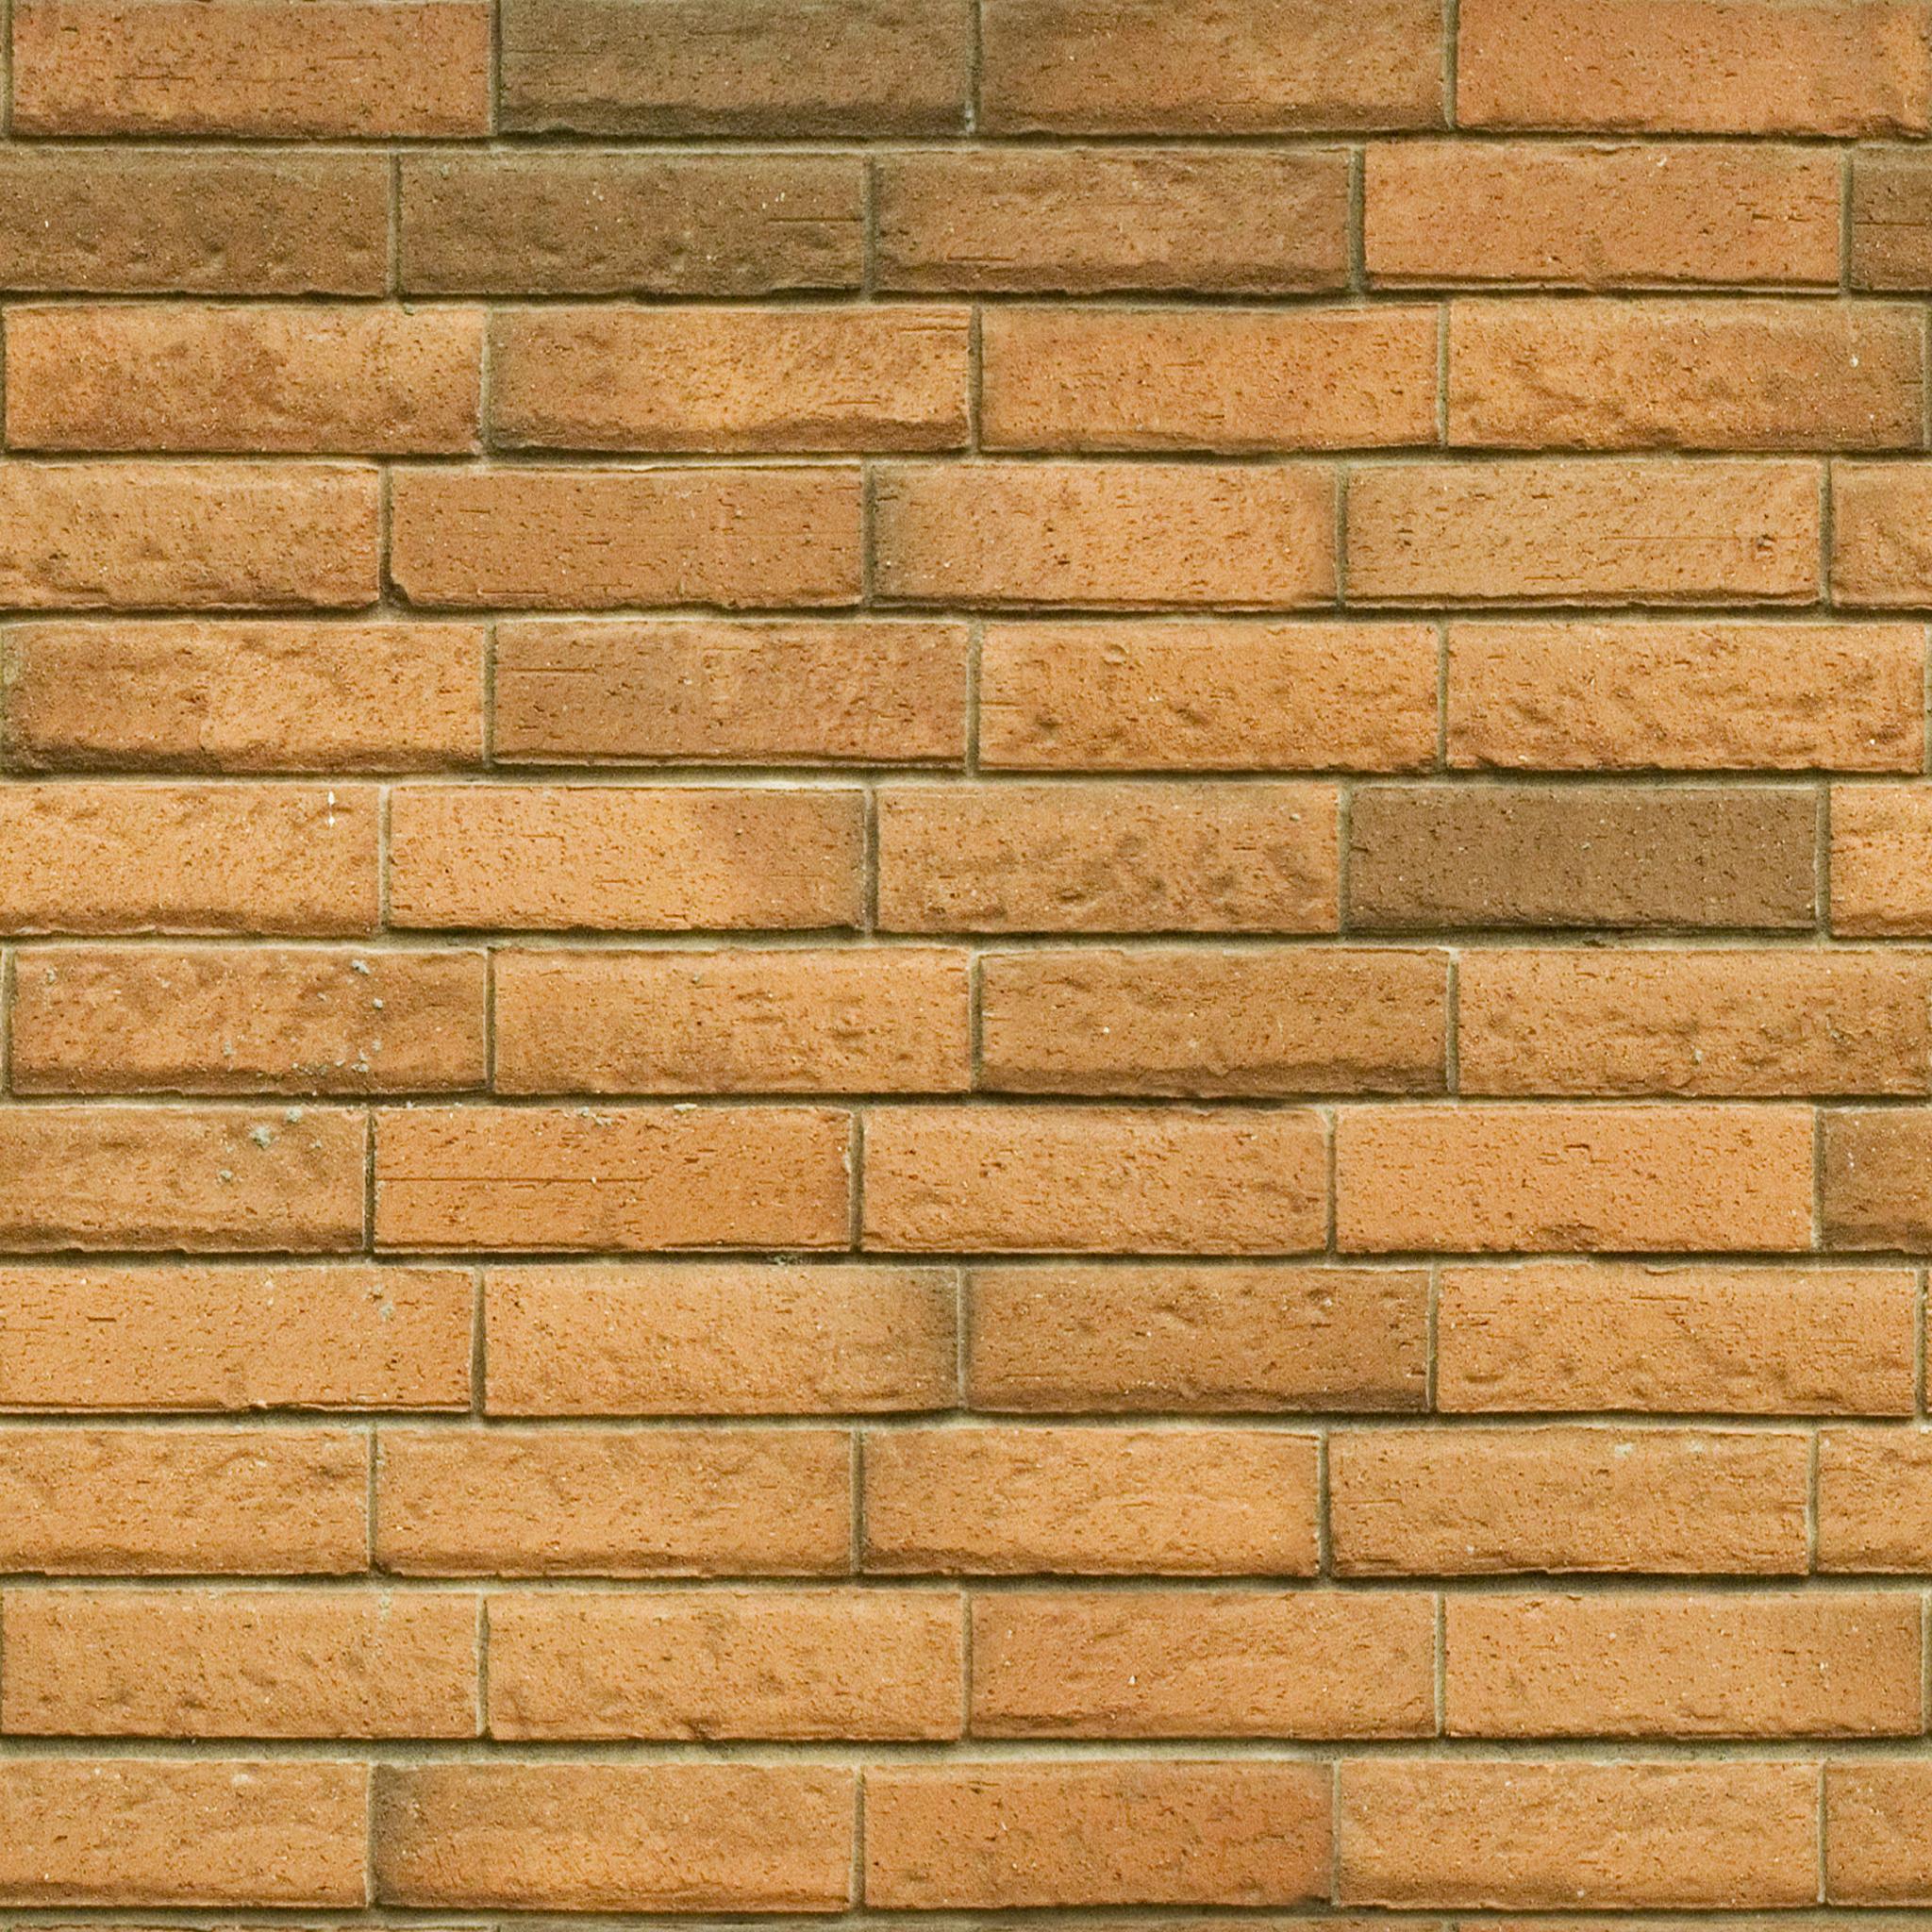 Bronze Bar Brick.jpg